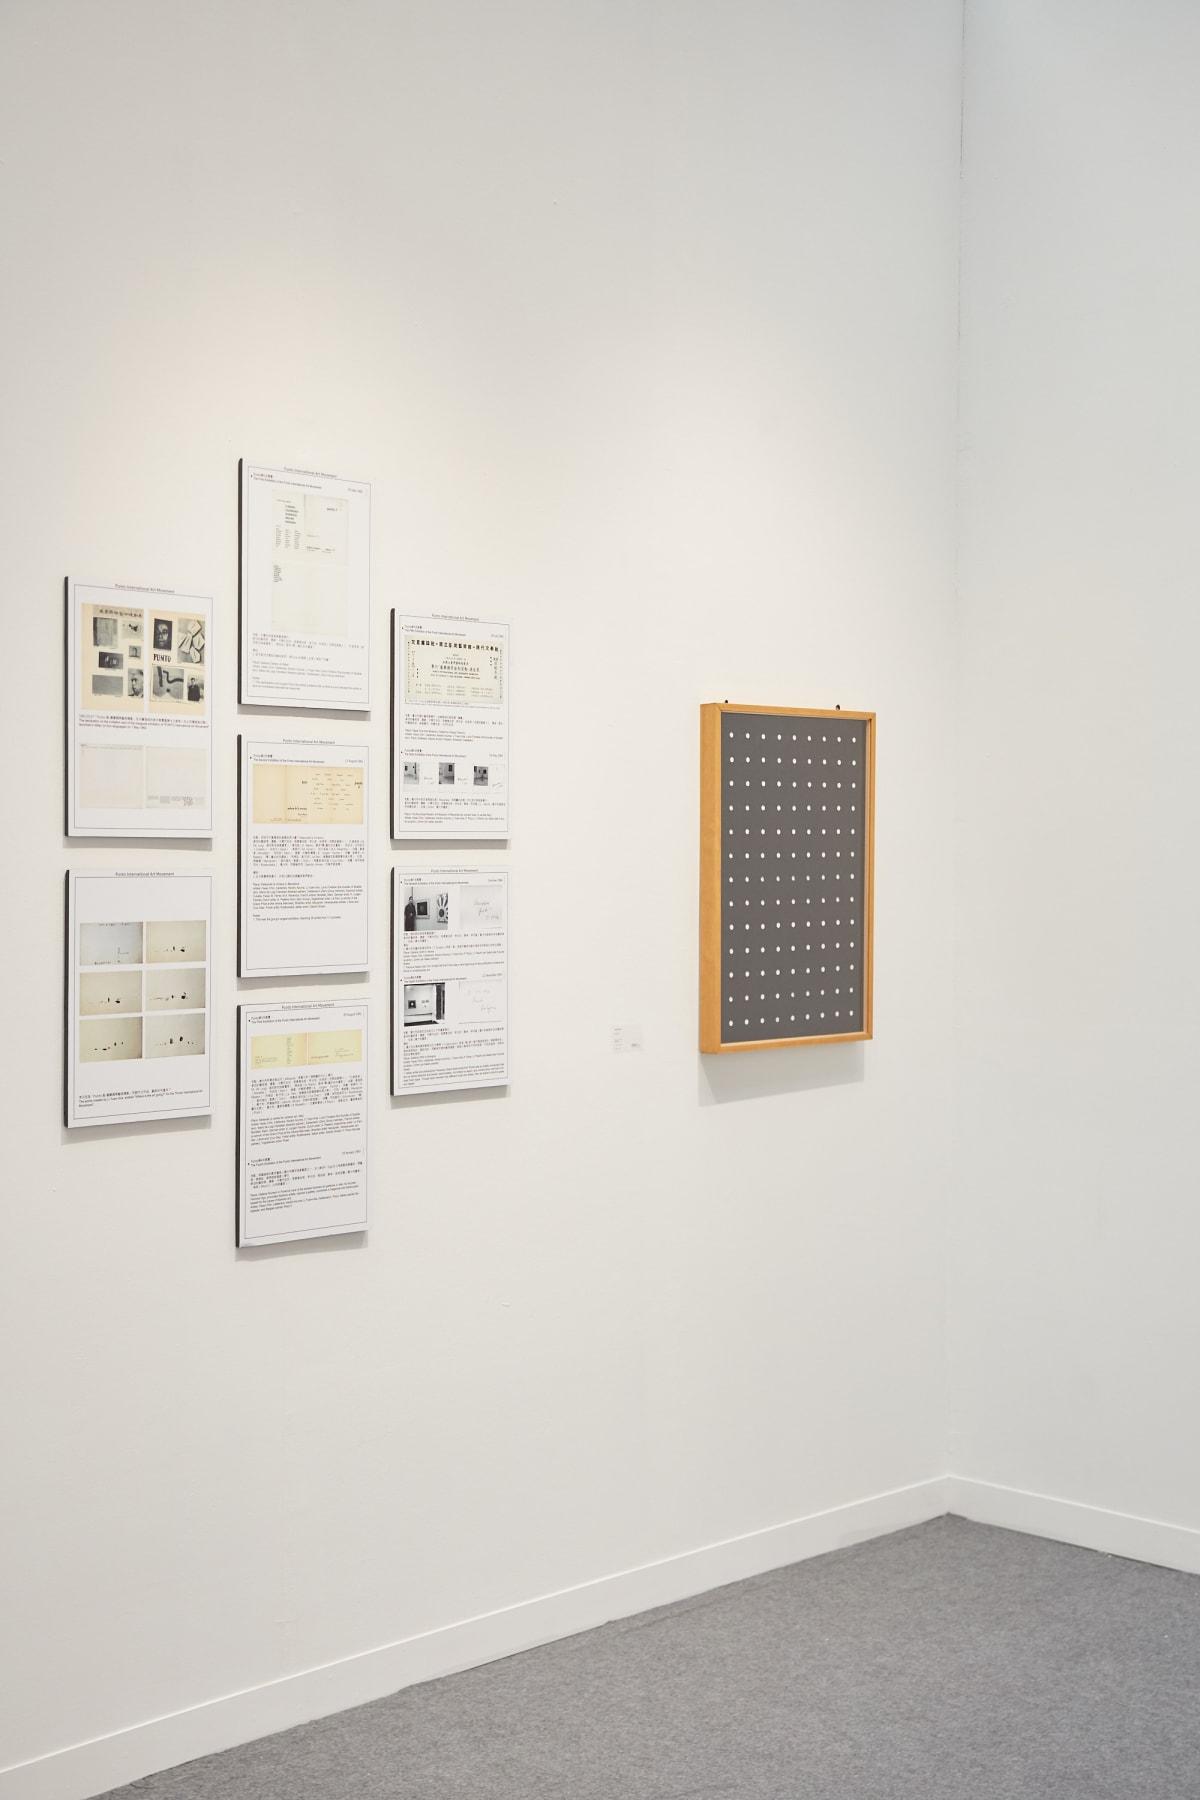 2019 Arttaipei Exhibition05